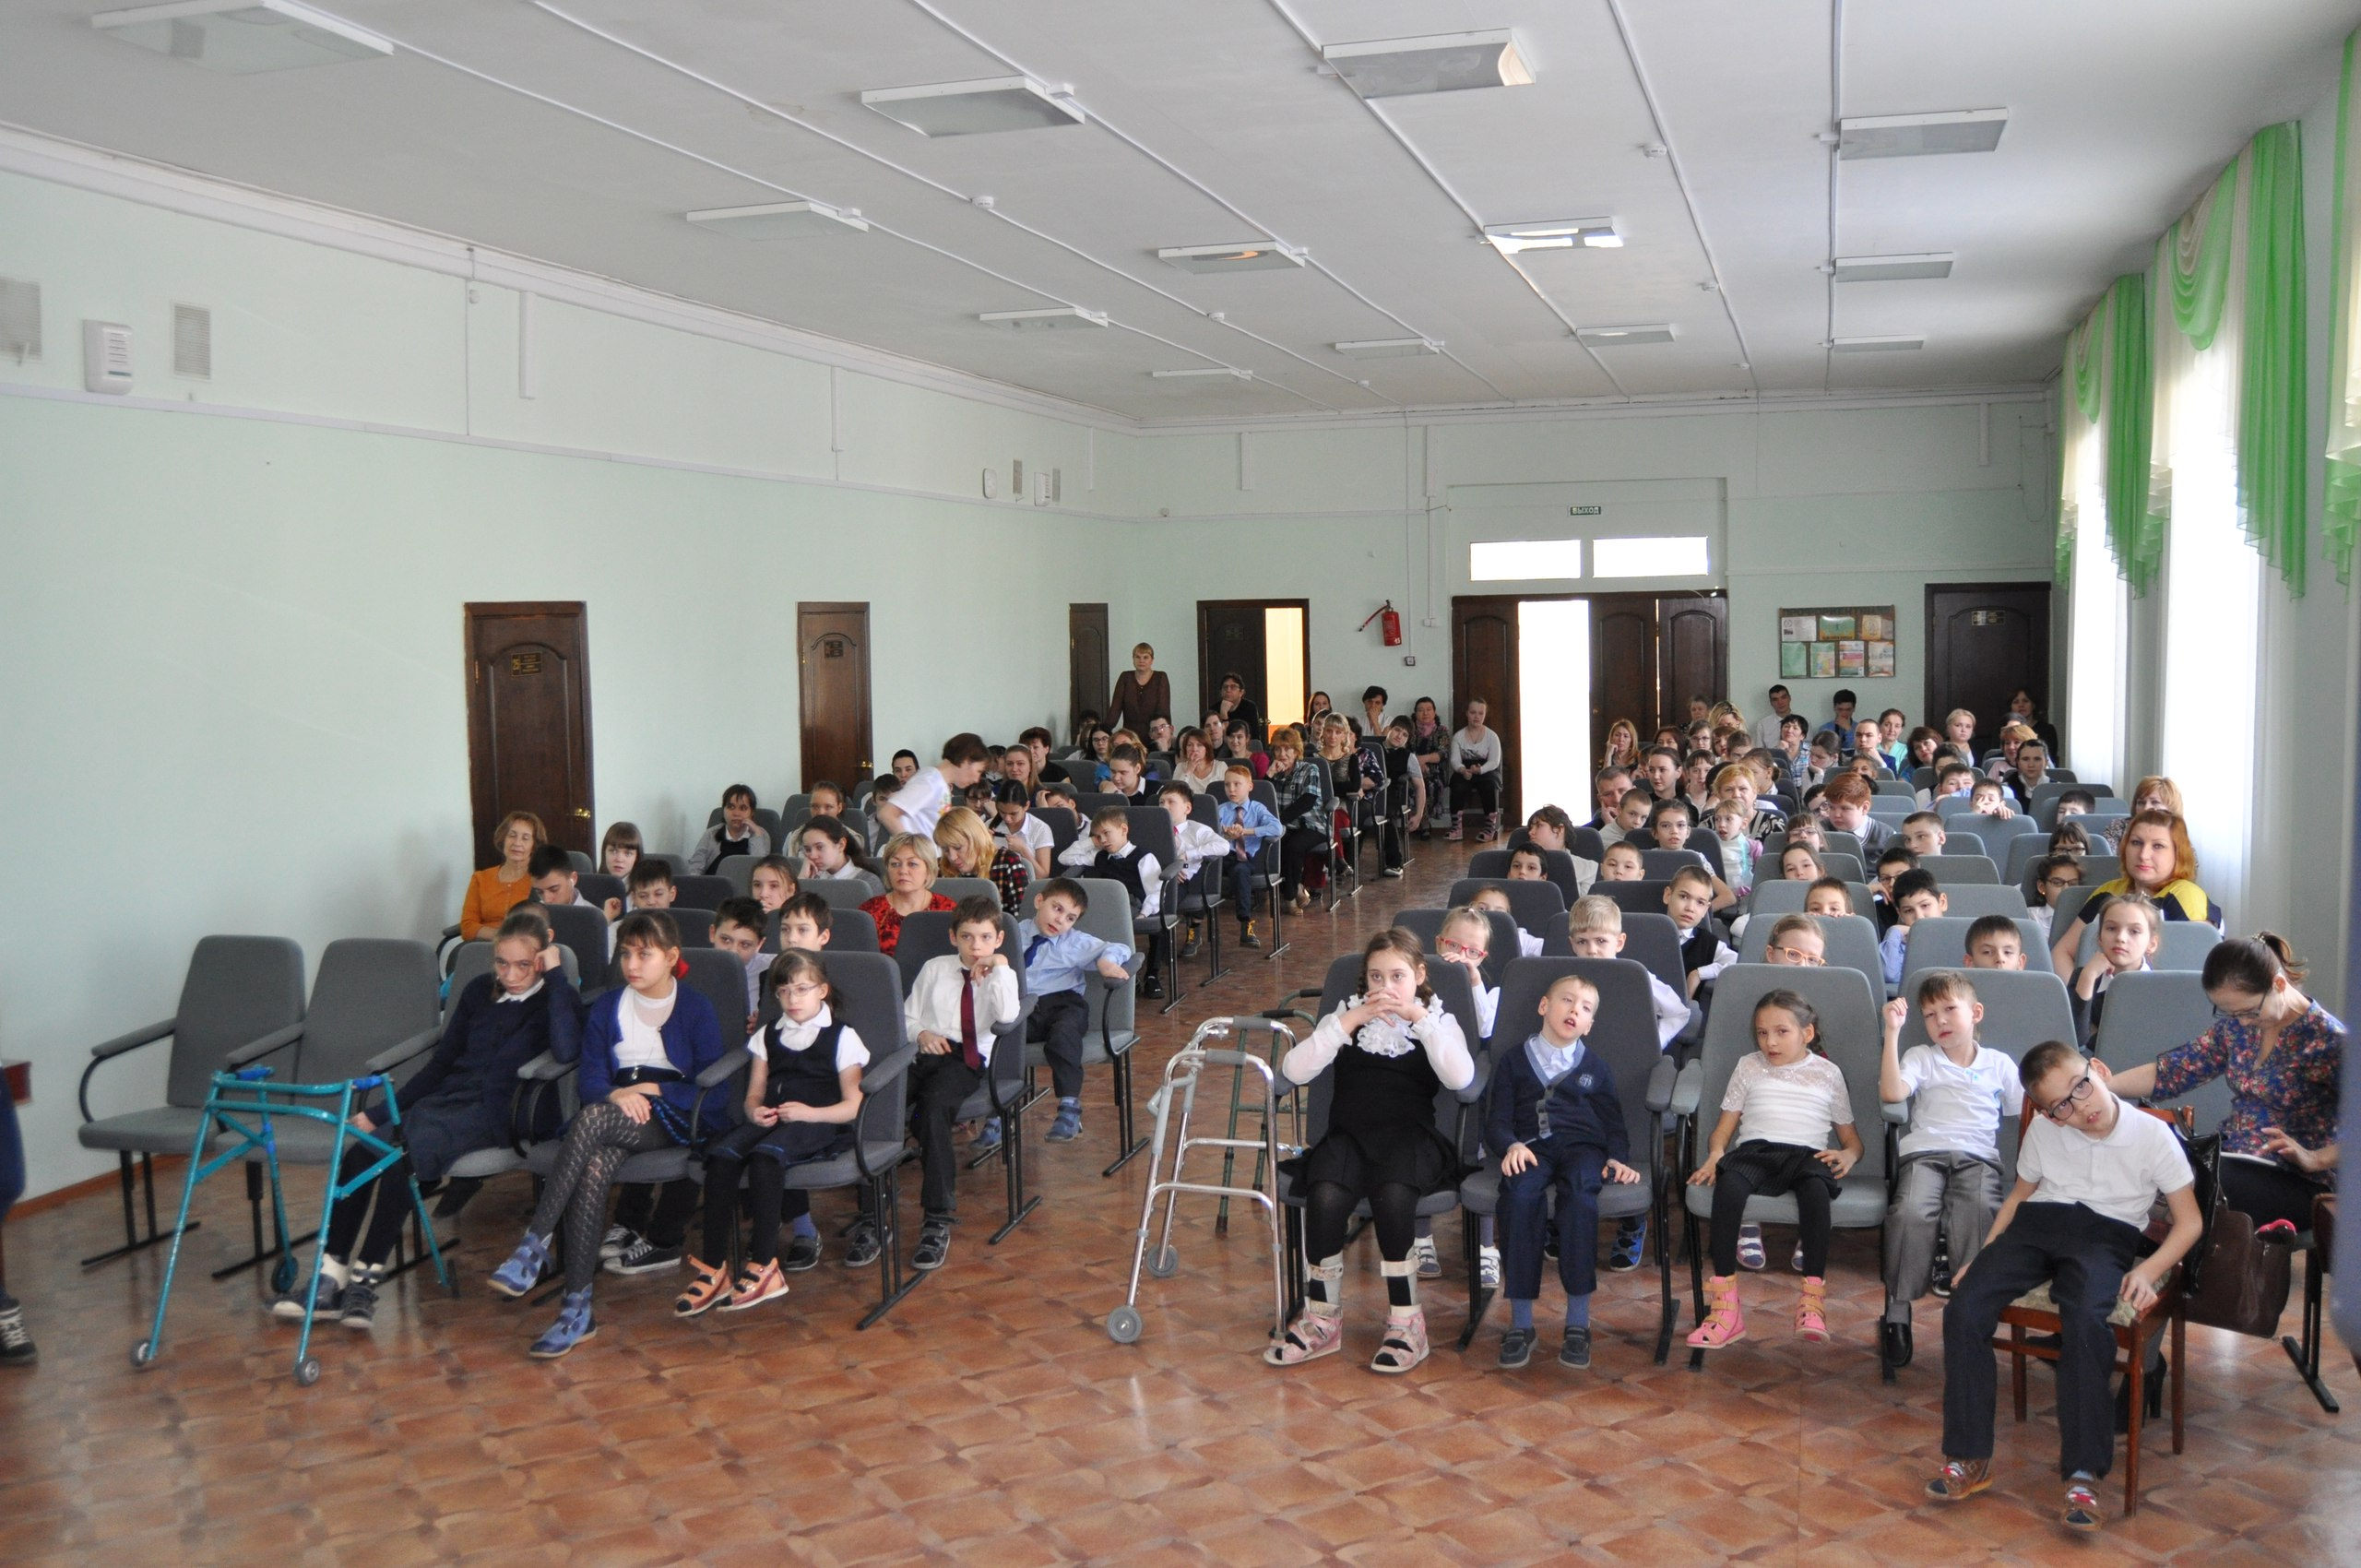 Порно ролики из четверього класса московской школы фото 92-508